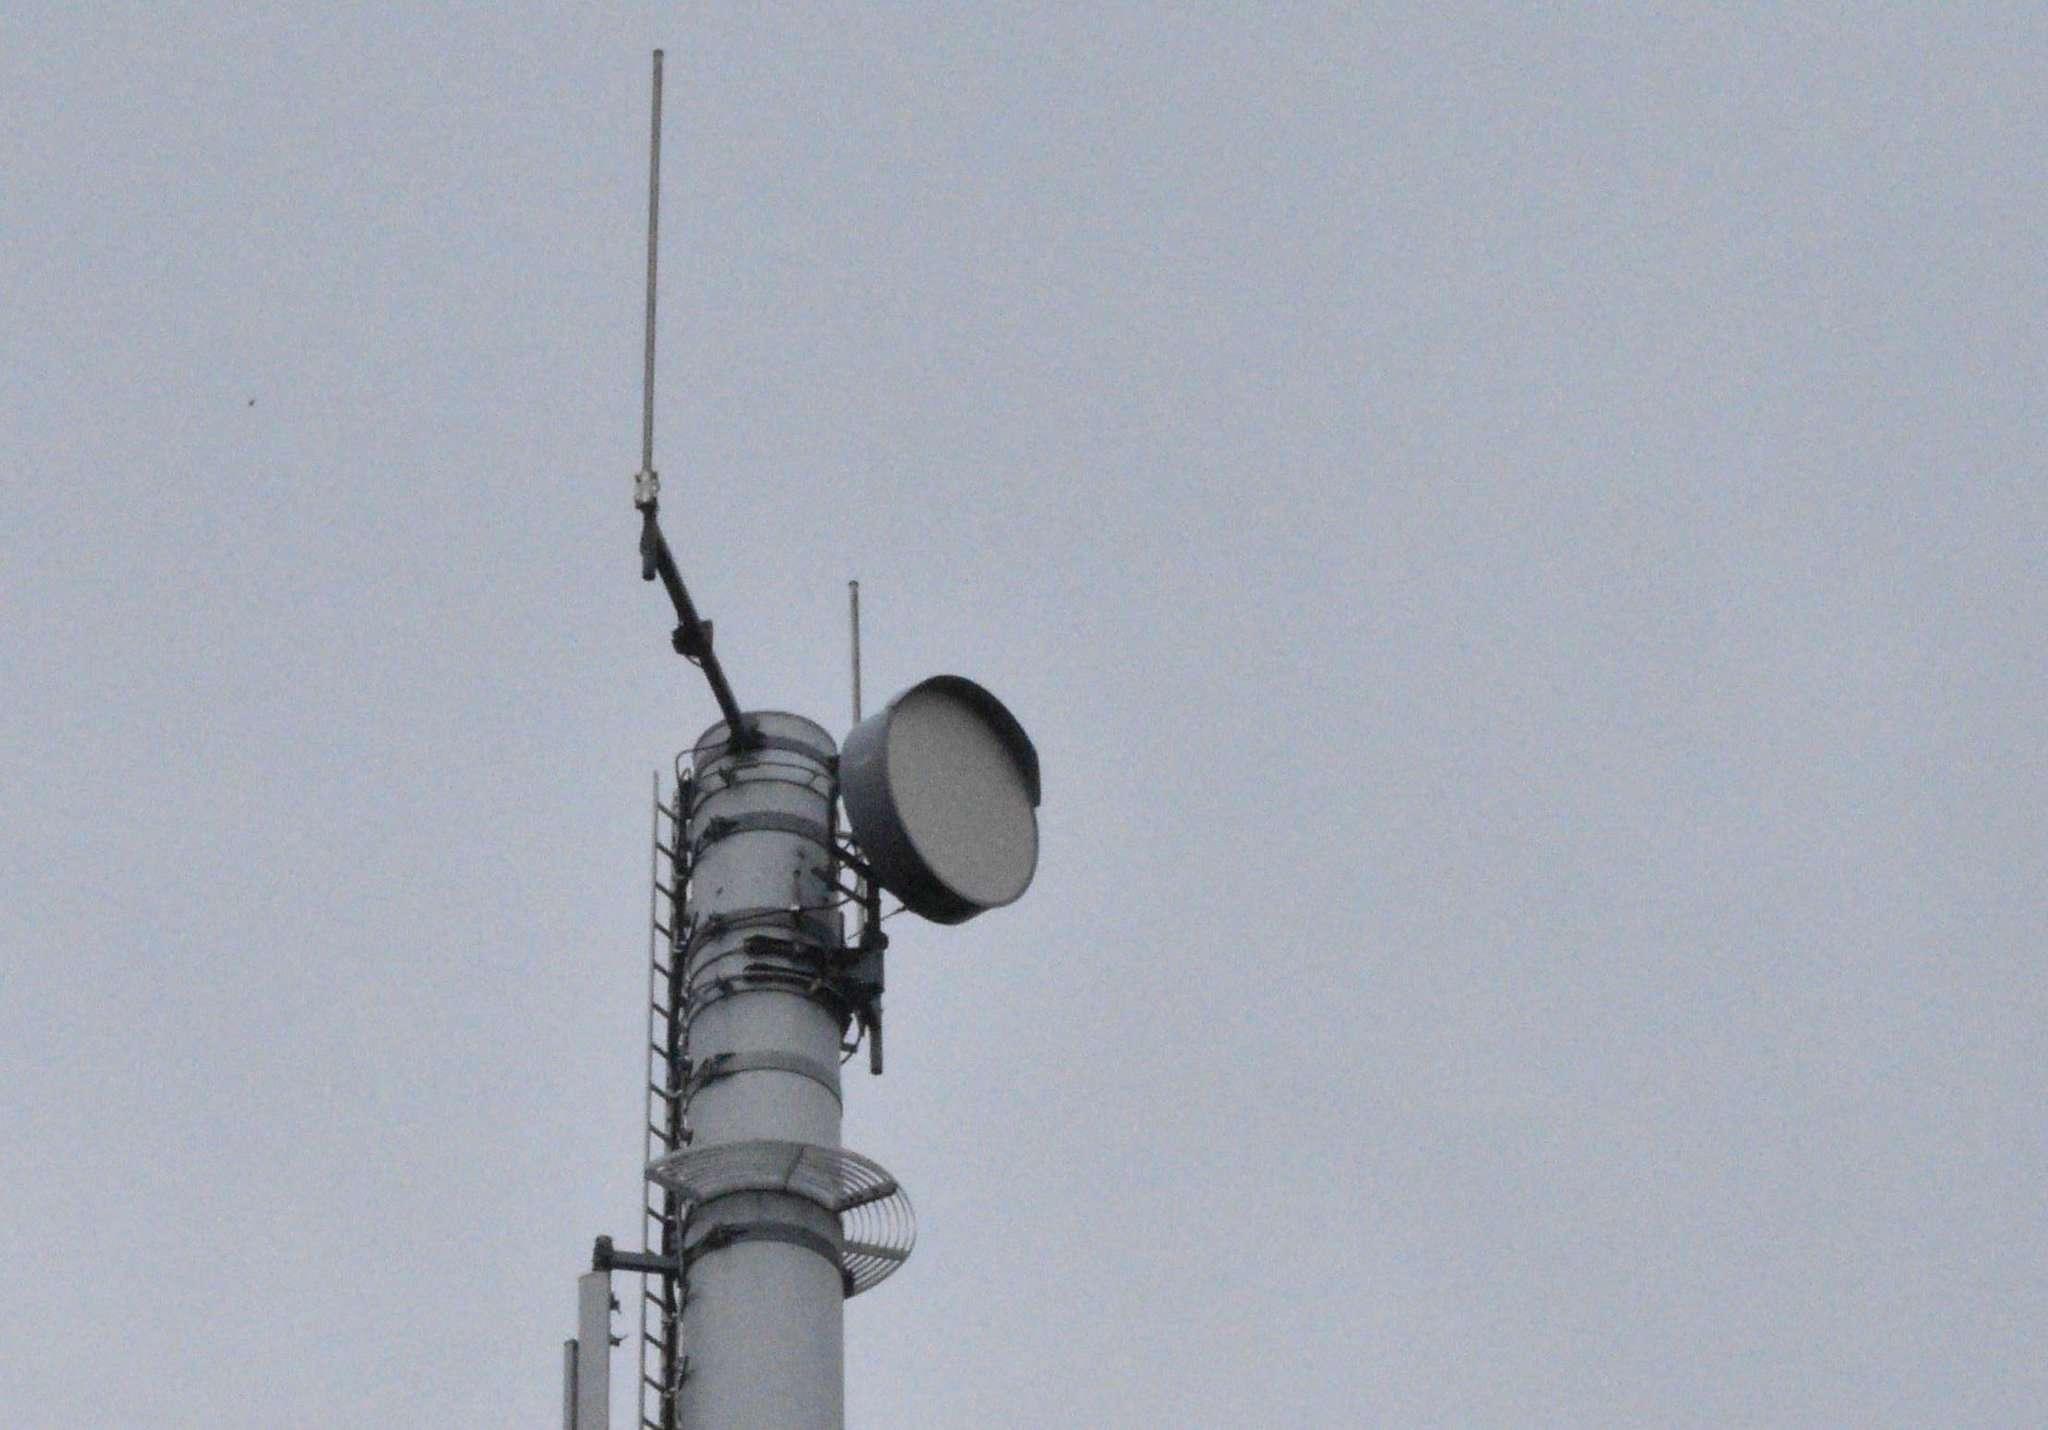 Funkmasten wie dieser in Sottrum sollen in Ahauser Randbereichen zur Internetanbindung dienen.